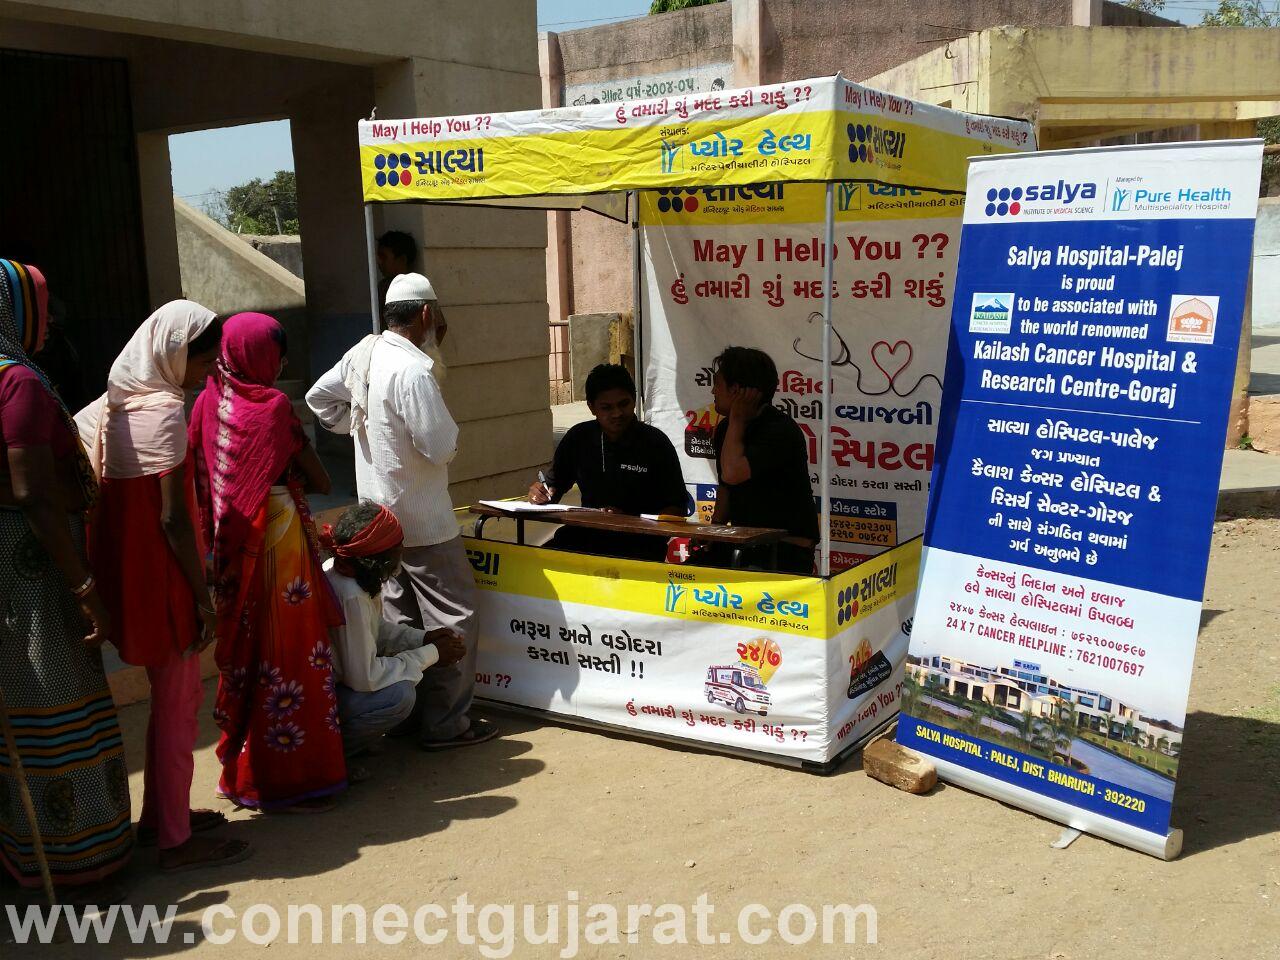 ભરૂચ ના હલદરવા ગામે નિઃશુલ્ક સર્વ રોગ નિદાન શિબિર યોજાઇ.